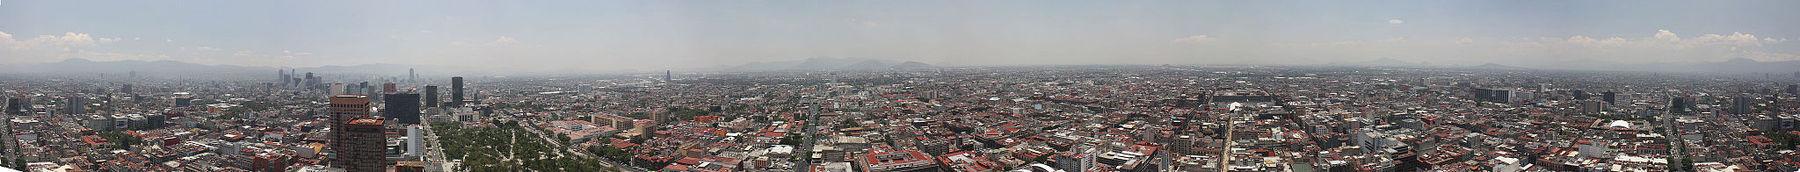 Panorama van Mexico-Stad vanaf de Torre Latinoamericana, mei 2014